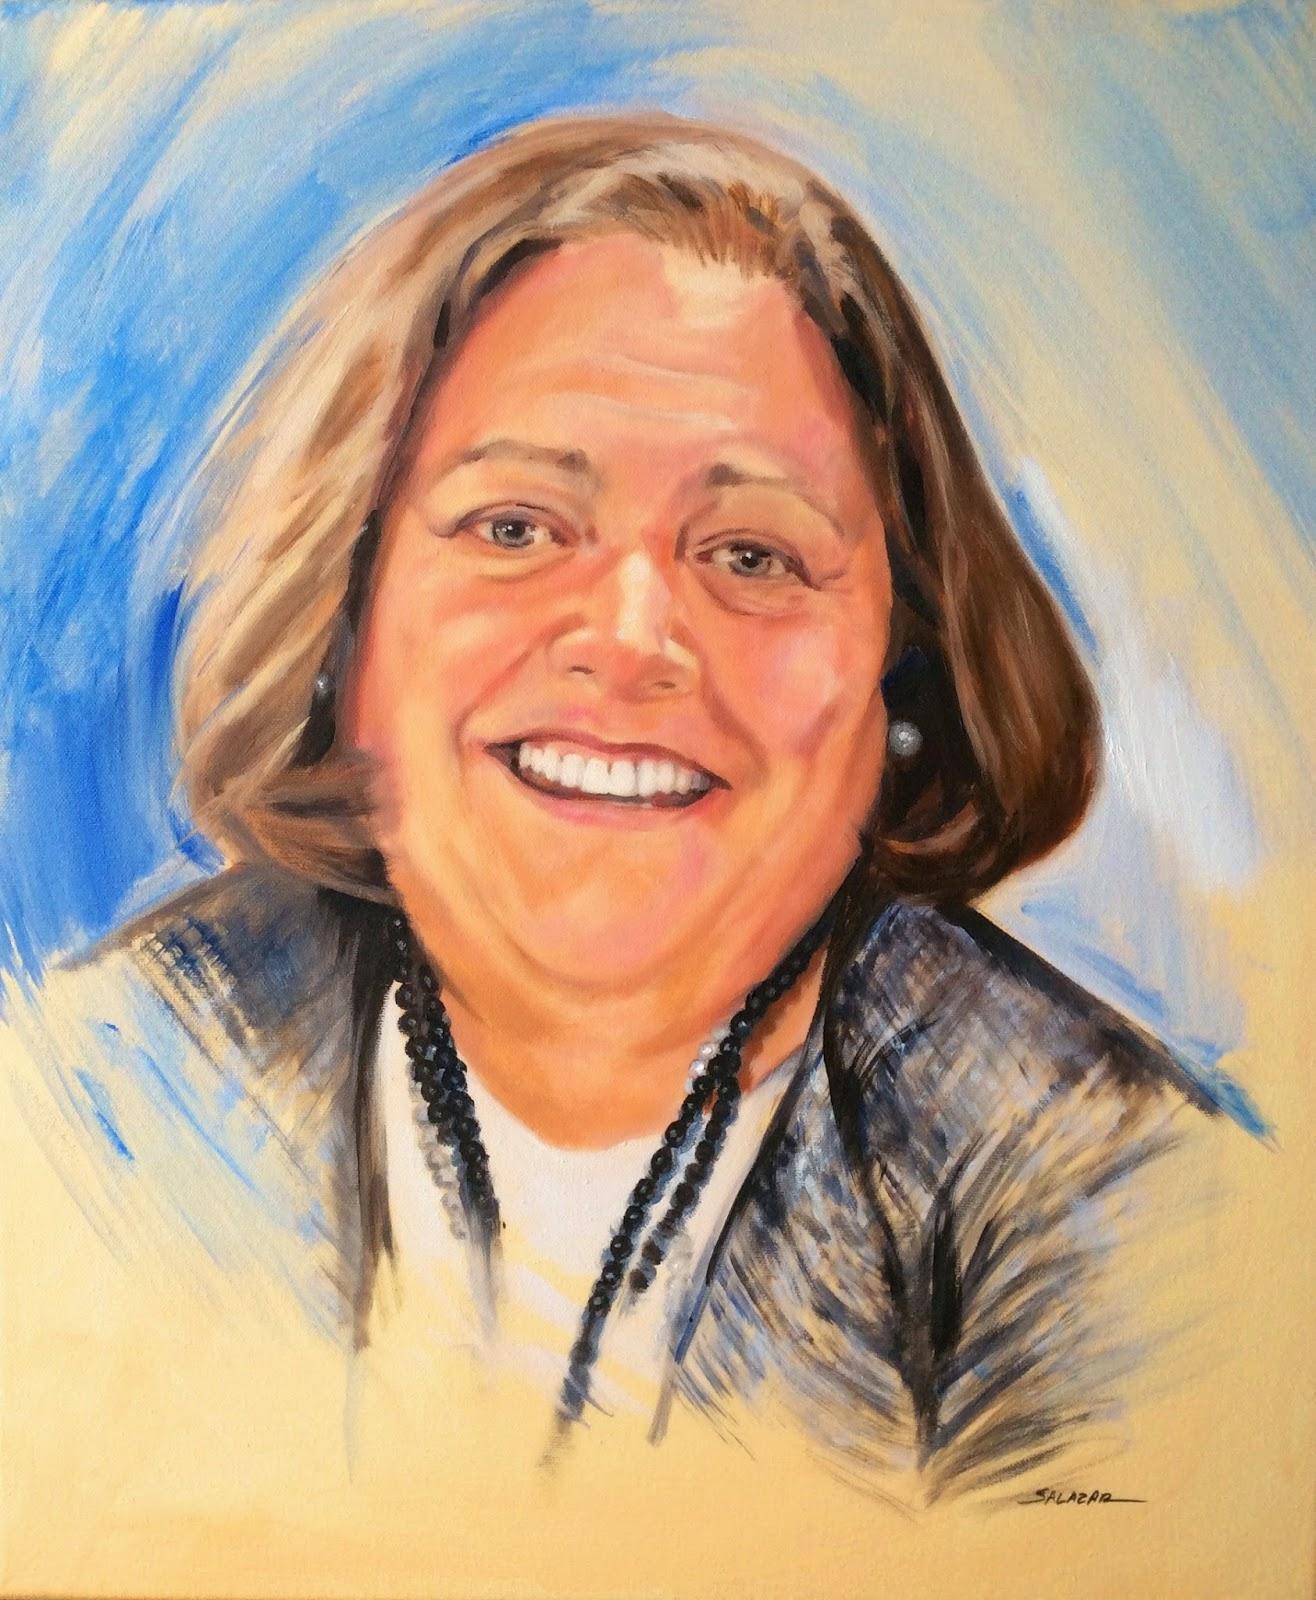 Retrato por encargo al óleo de una mujer.